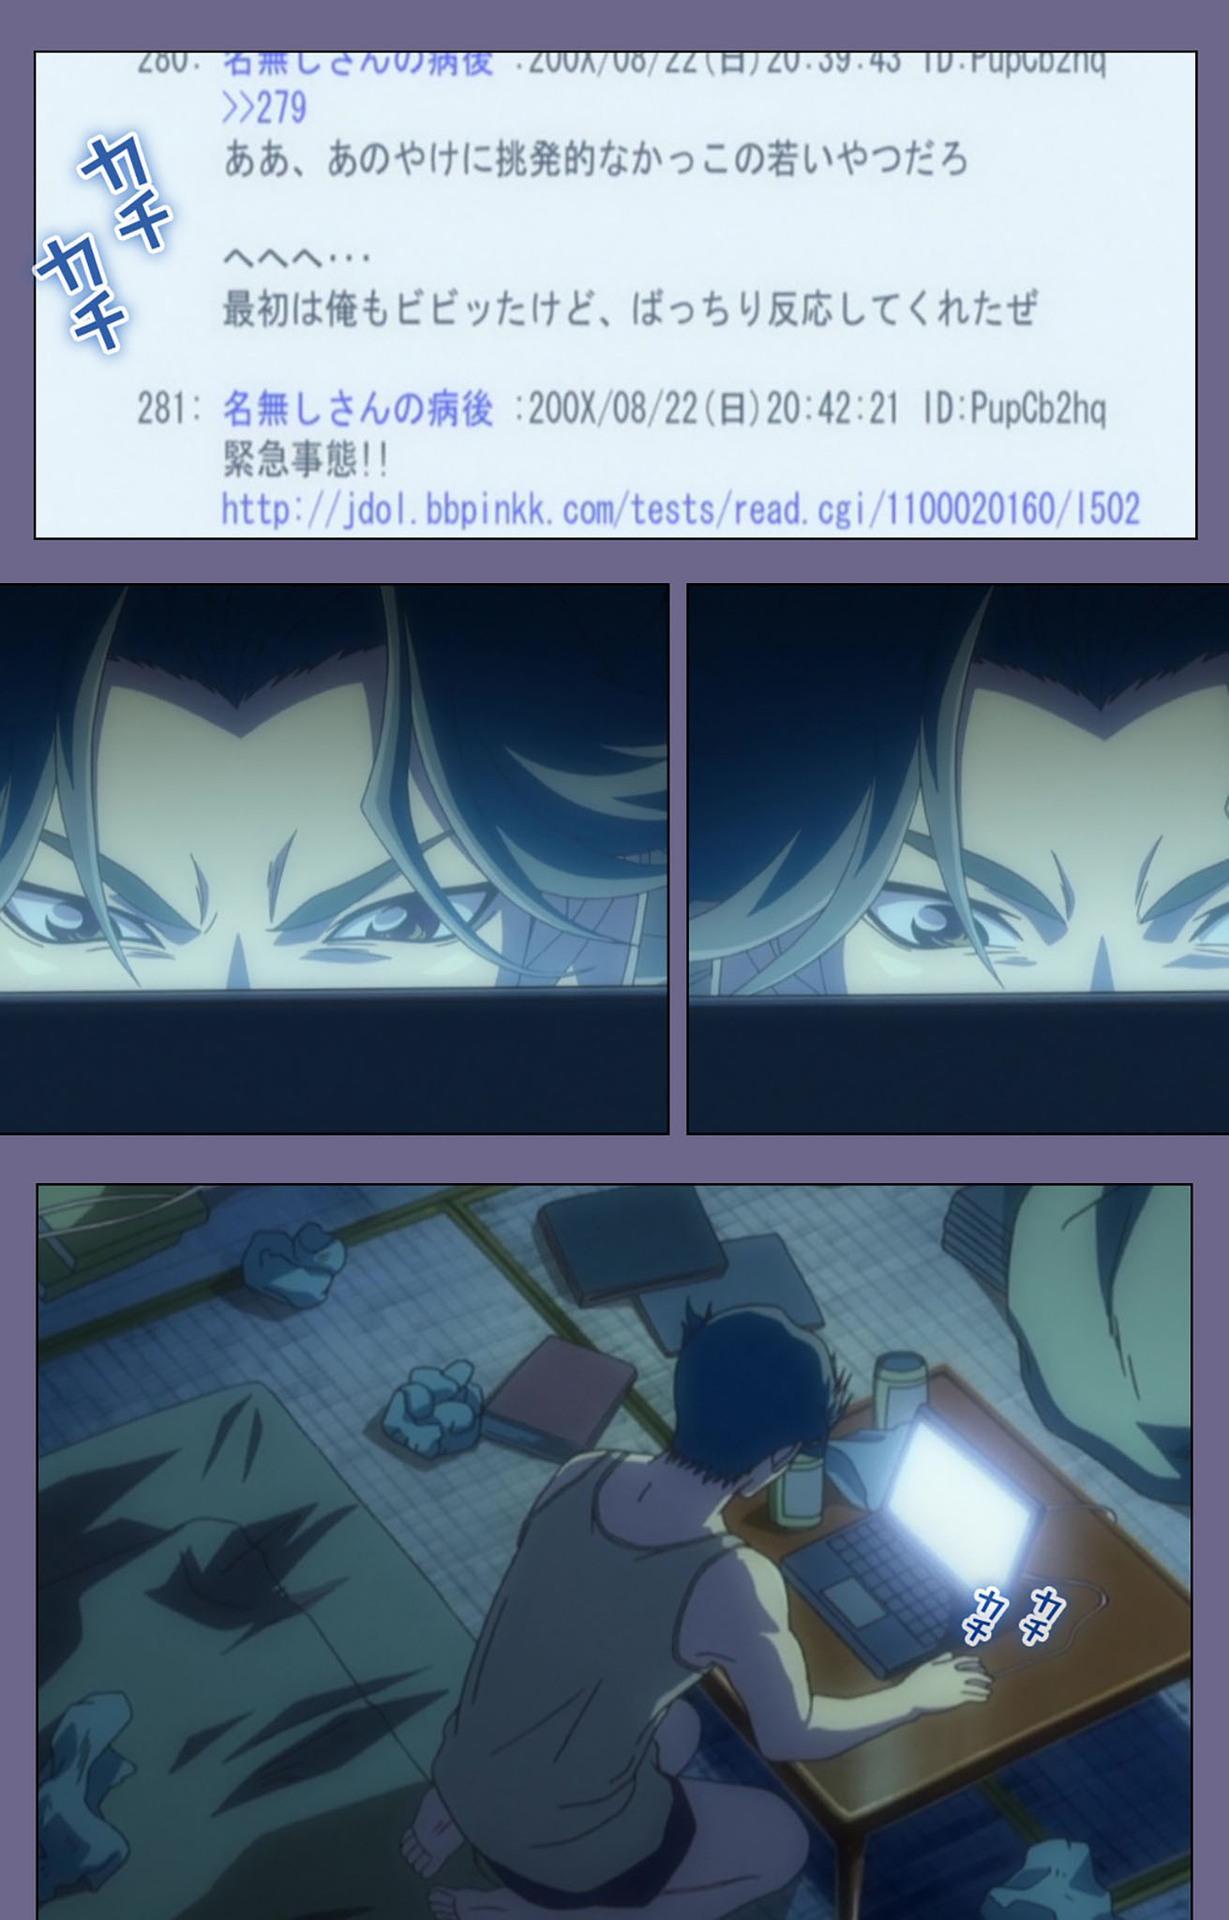 Itazura kanzenhan 128